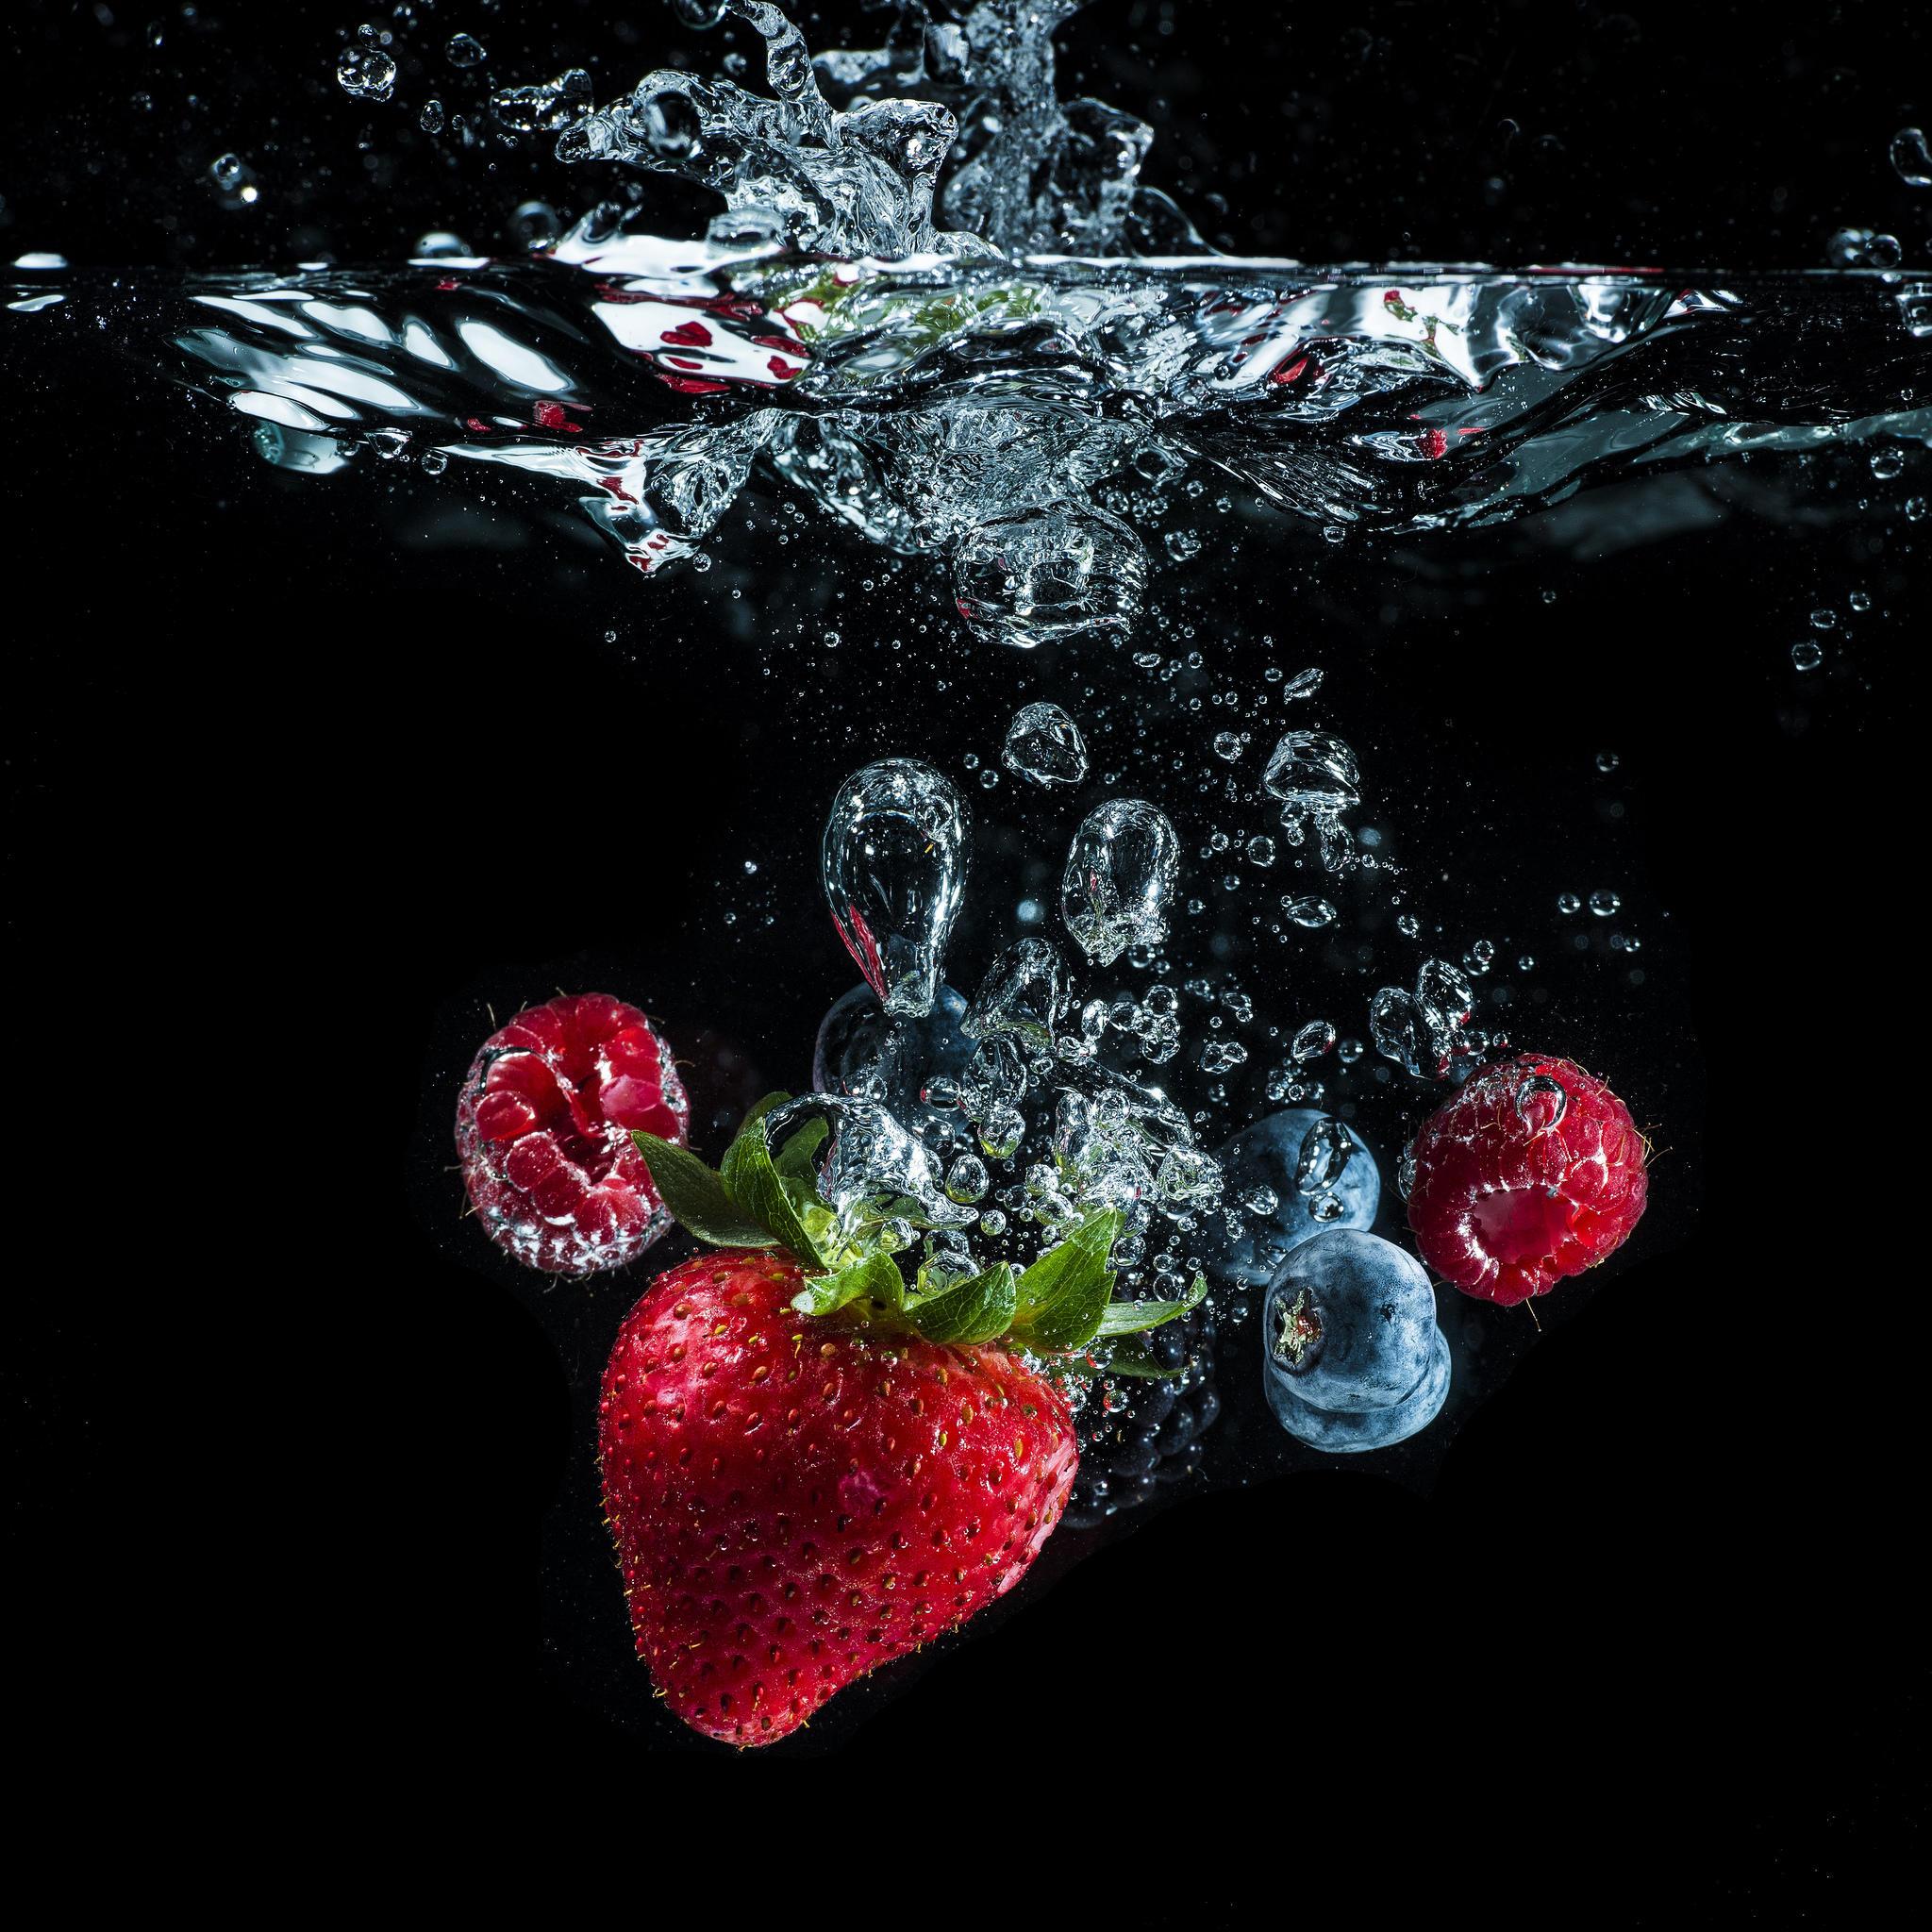 обои жидкость, вода, пузыри, ягоды картинки фото